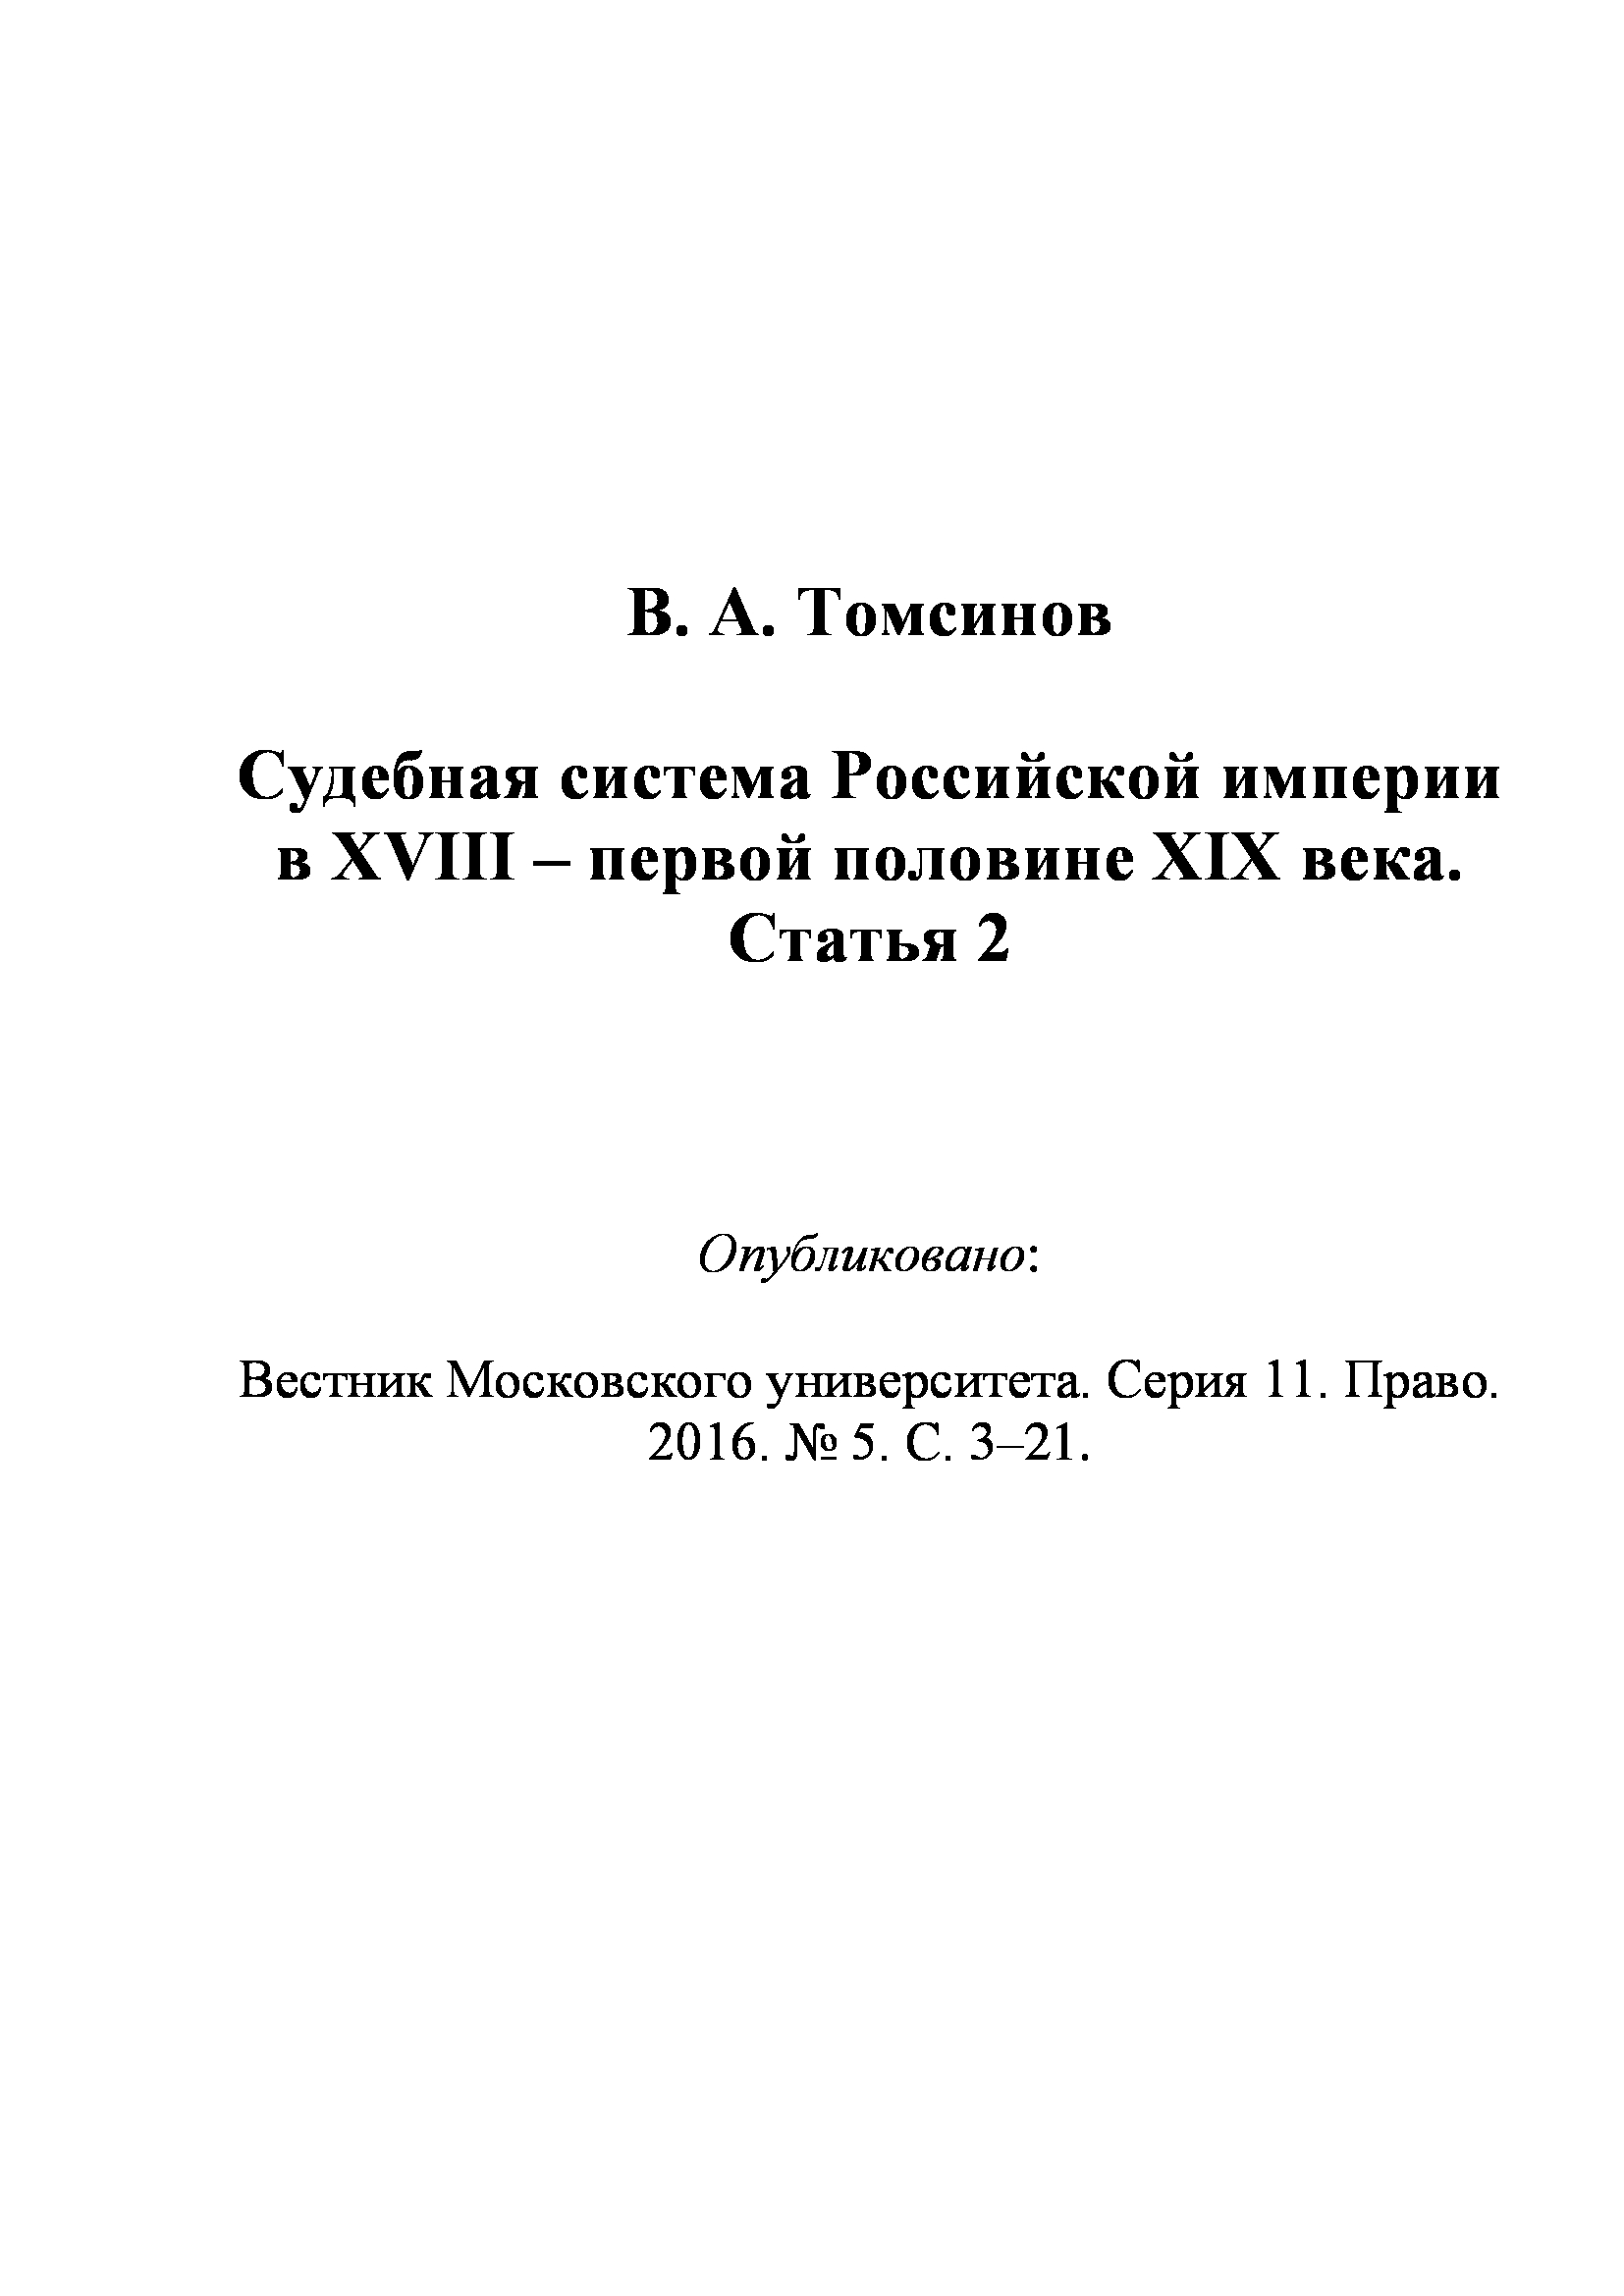 Томсинов В.А. Судебная система Российской империи. Статья 2